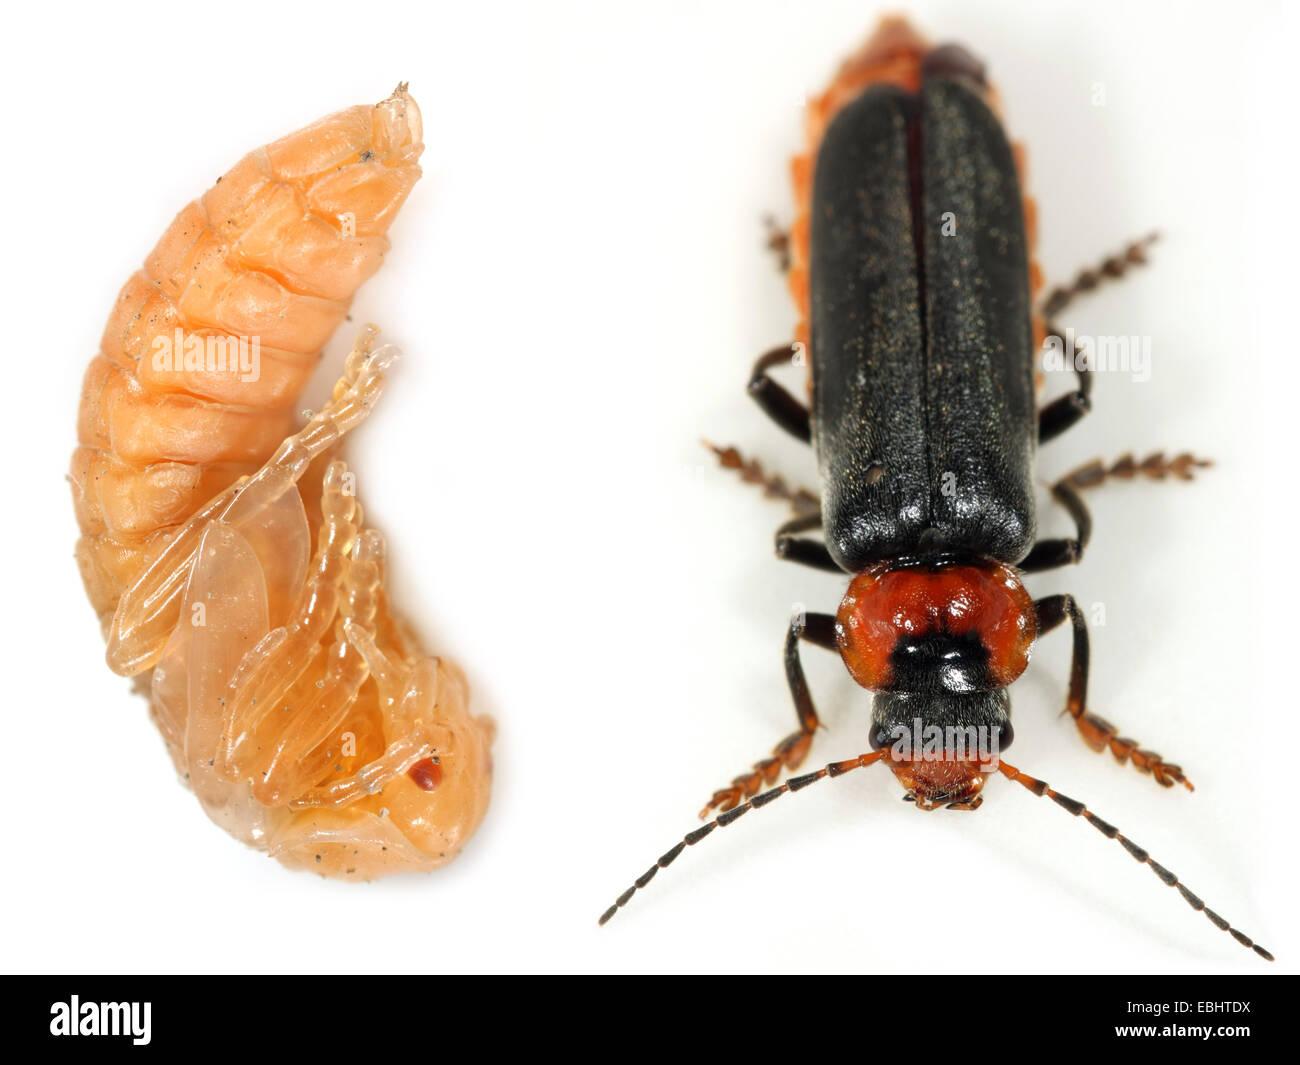 Un soldat beetle ou leatherwing (Cantharis fusca) comme une chrysalide et en dernière étape. imago Photo Stock